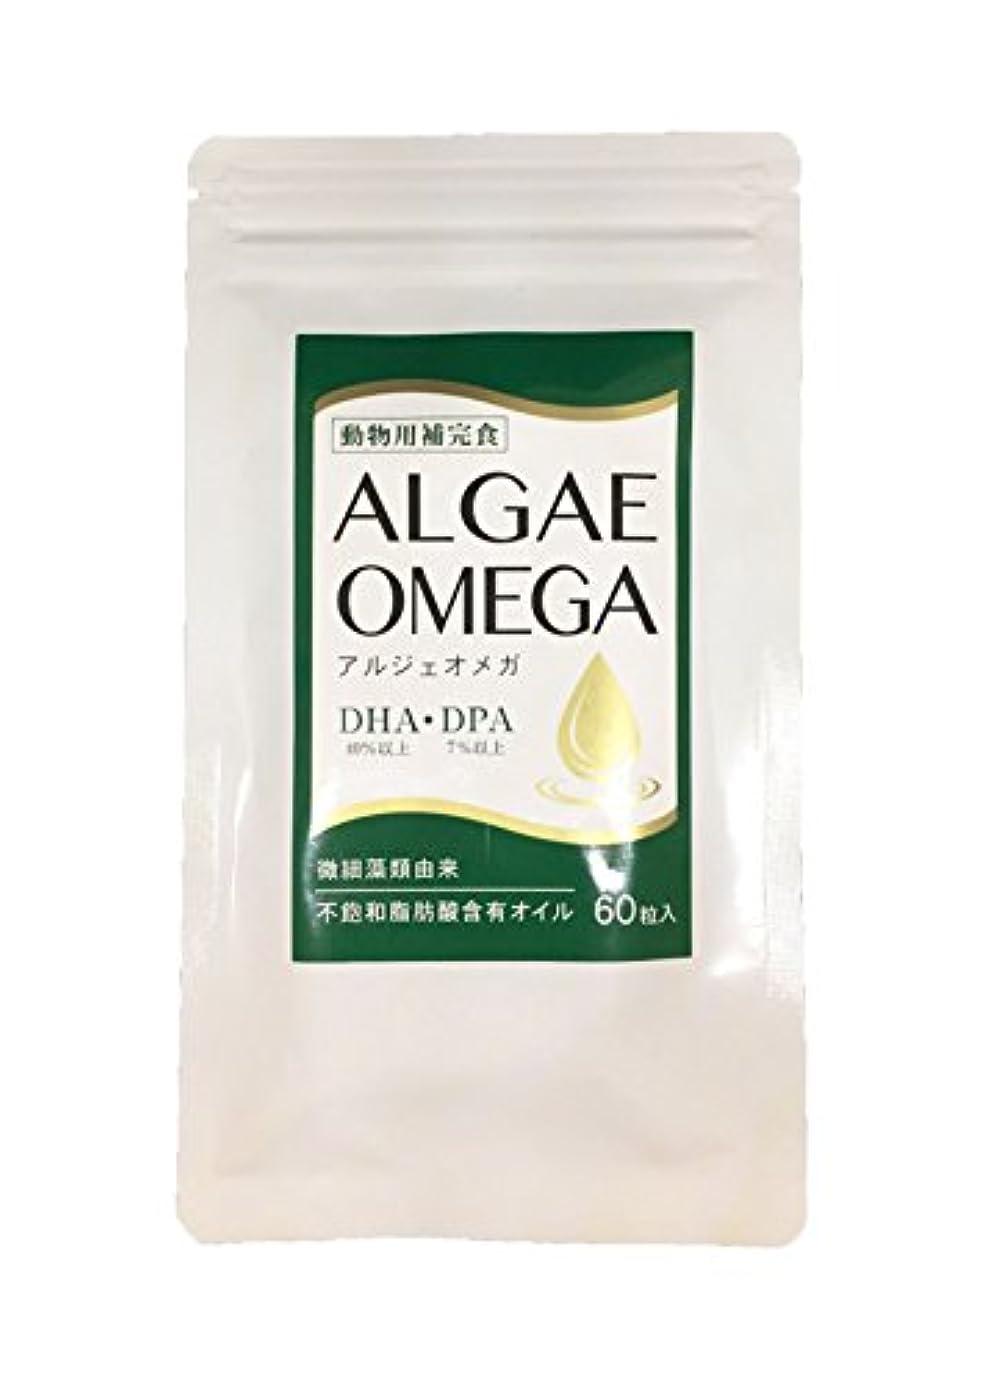 辛い寄り添う犯すAHS 60粒 アルジェオメガ 犬用 猫用 ペット用 サプリメント オメガ3 脂肪酸 DHA DPA